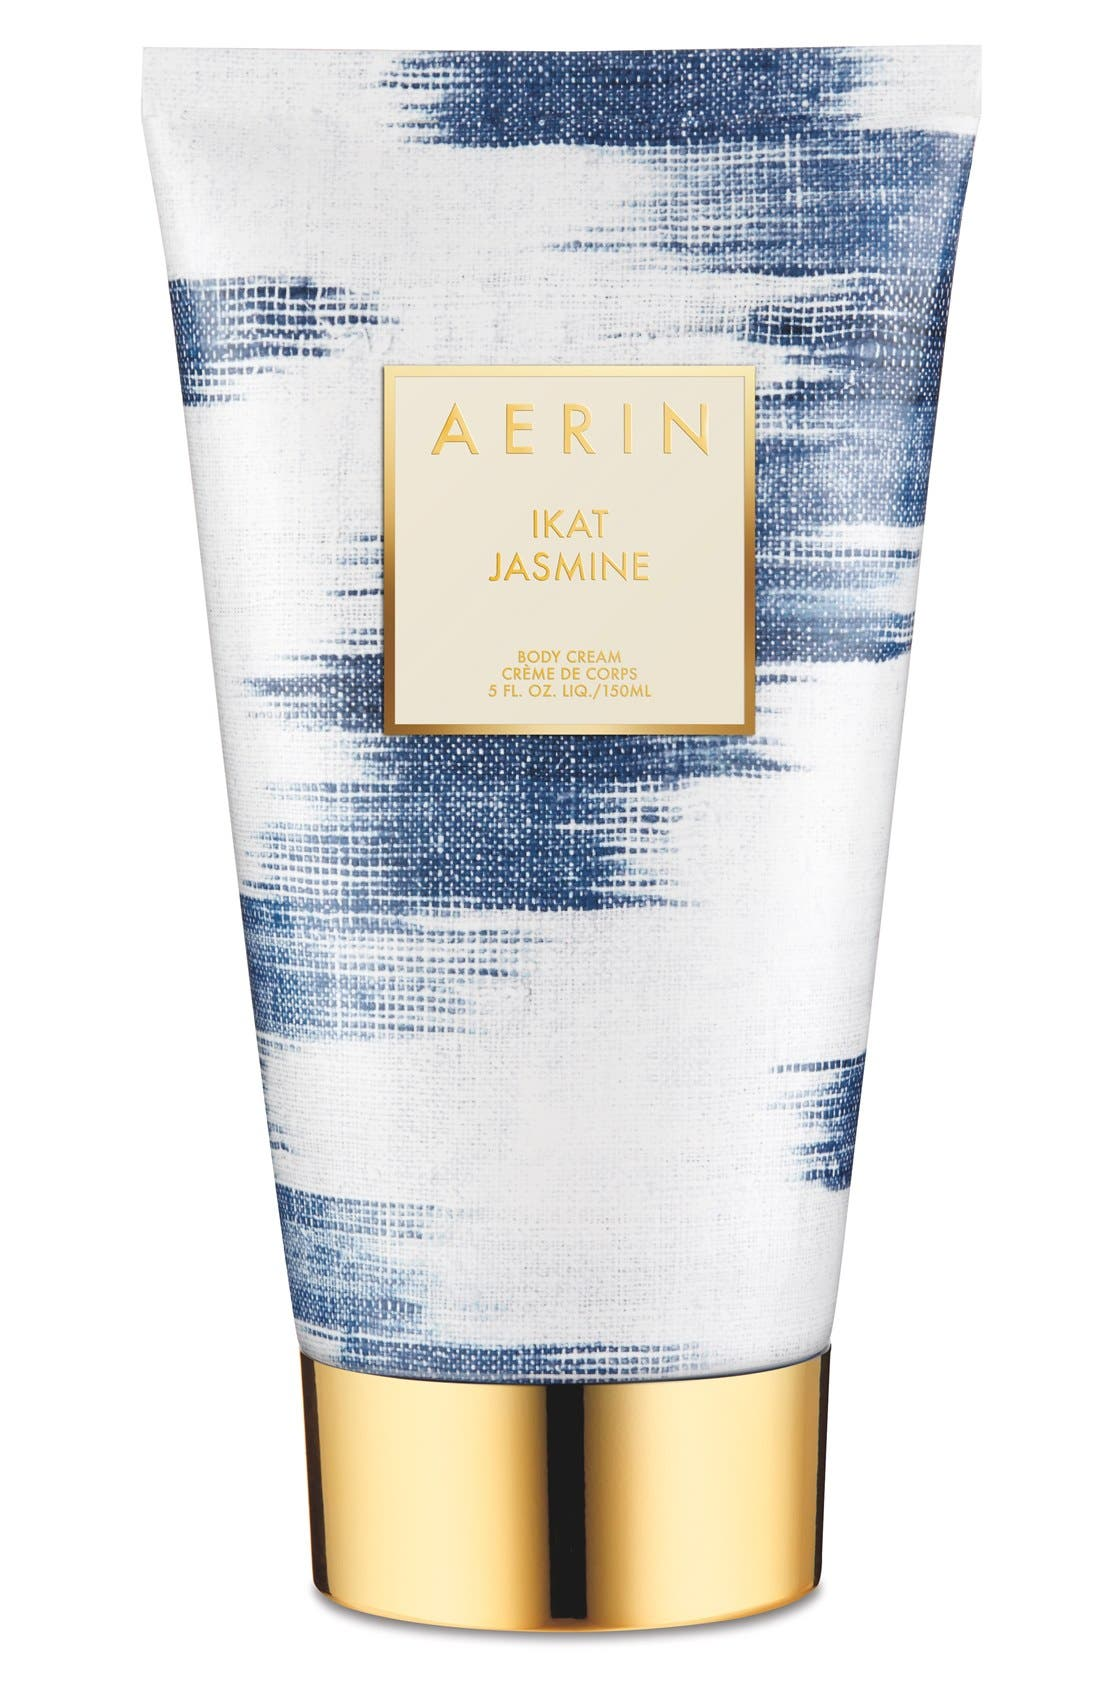 AERIN Beauty Ikat Jasmine Body Cream,                             Main thumbnail 1, color,                             NO COLOR